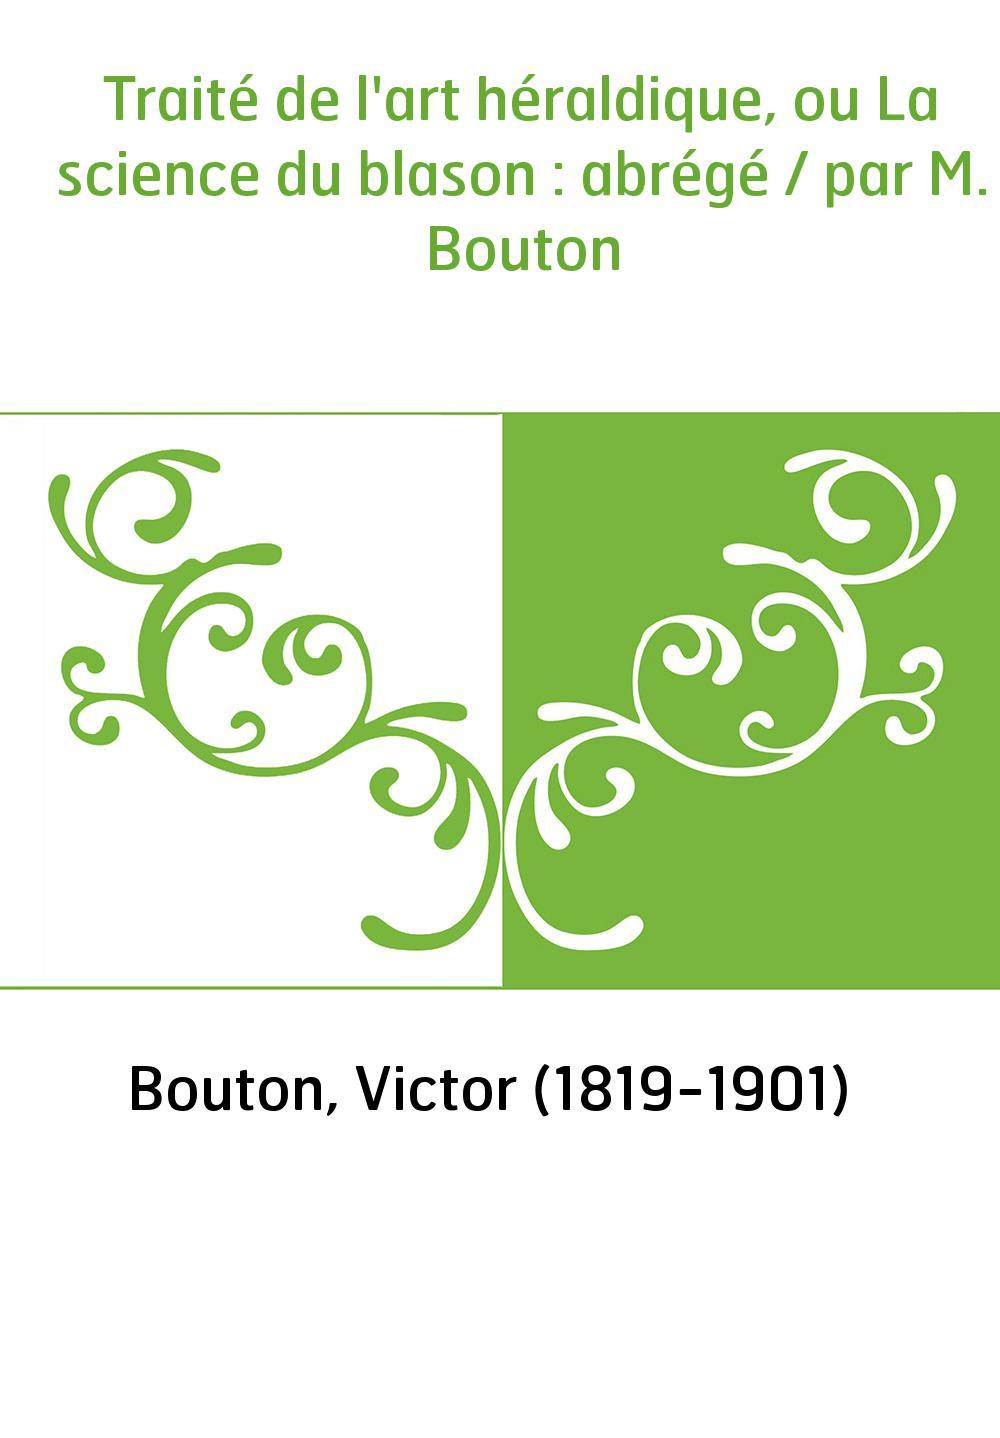 Traité de l'art héraldique, ou La science du blason : abrégé / par M. Bouton